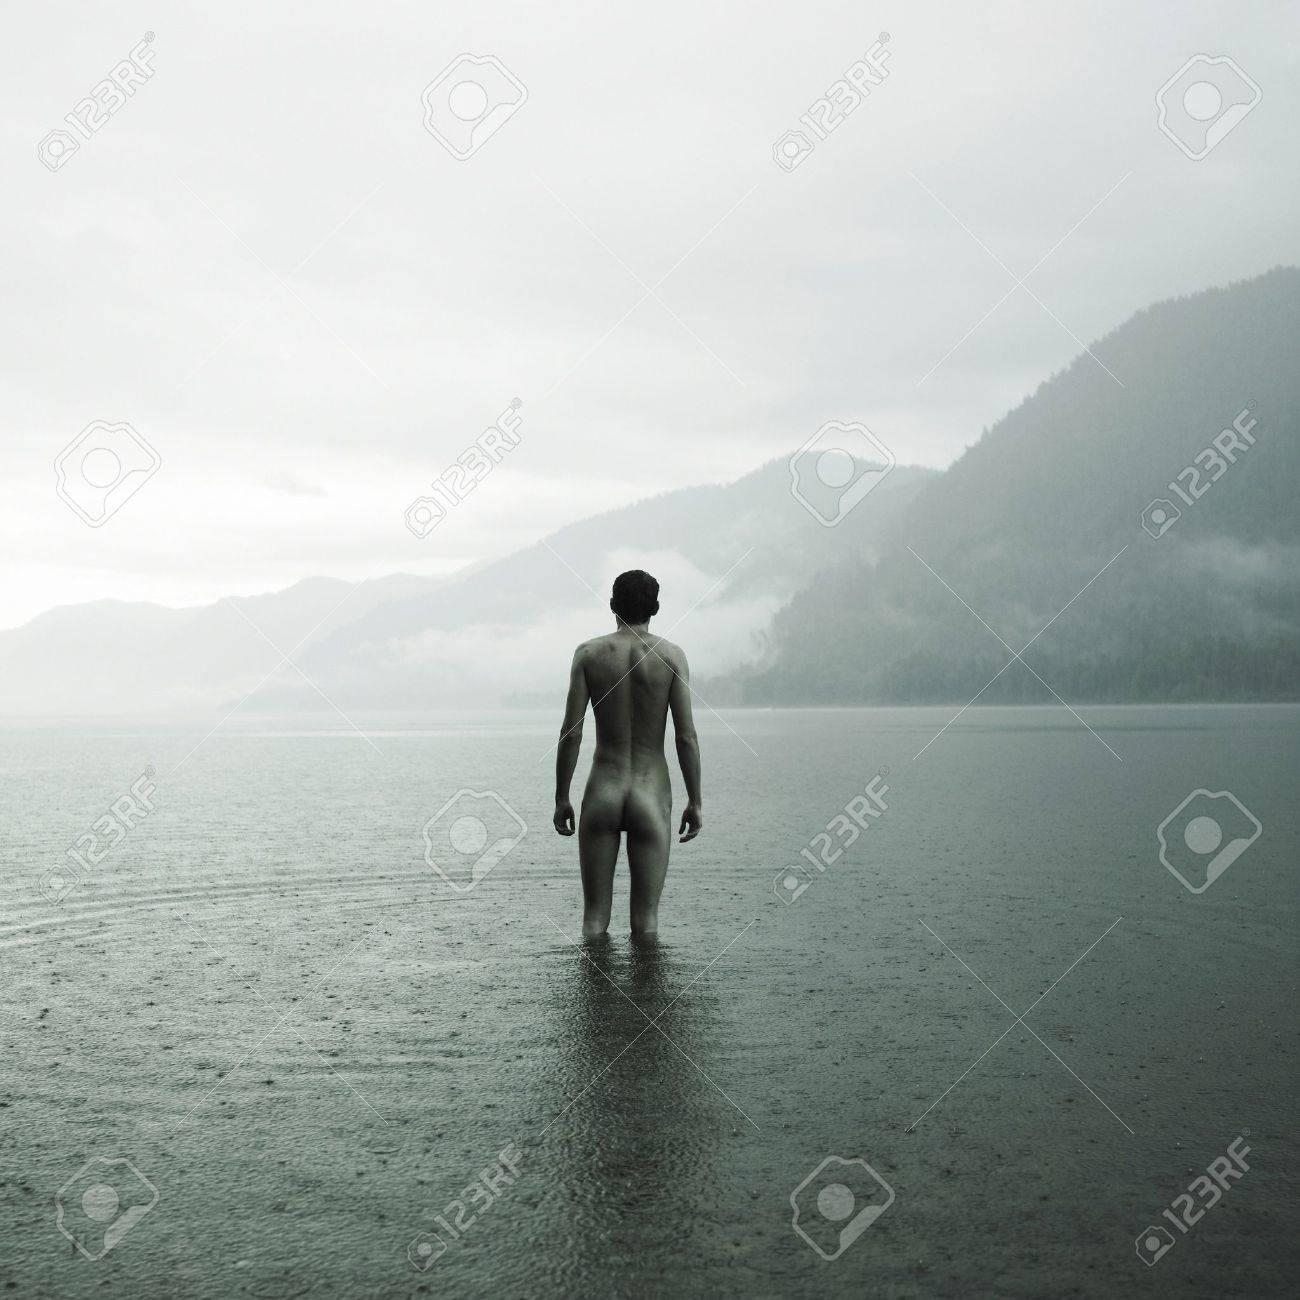 Imagini pentru naked man lake